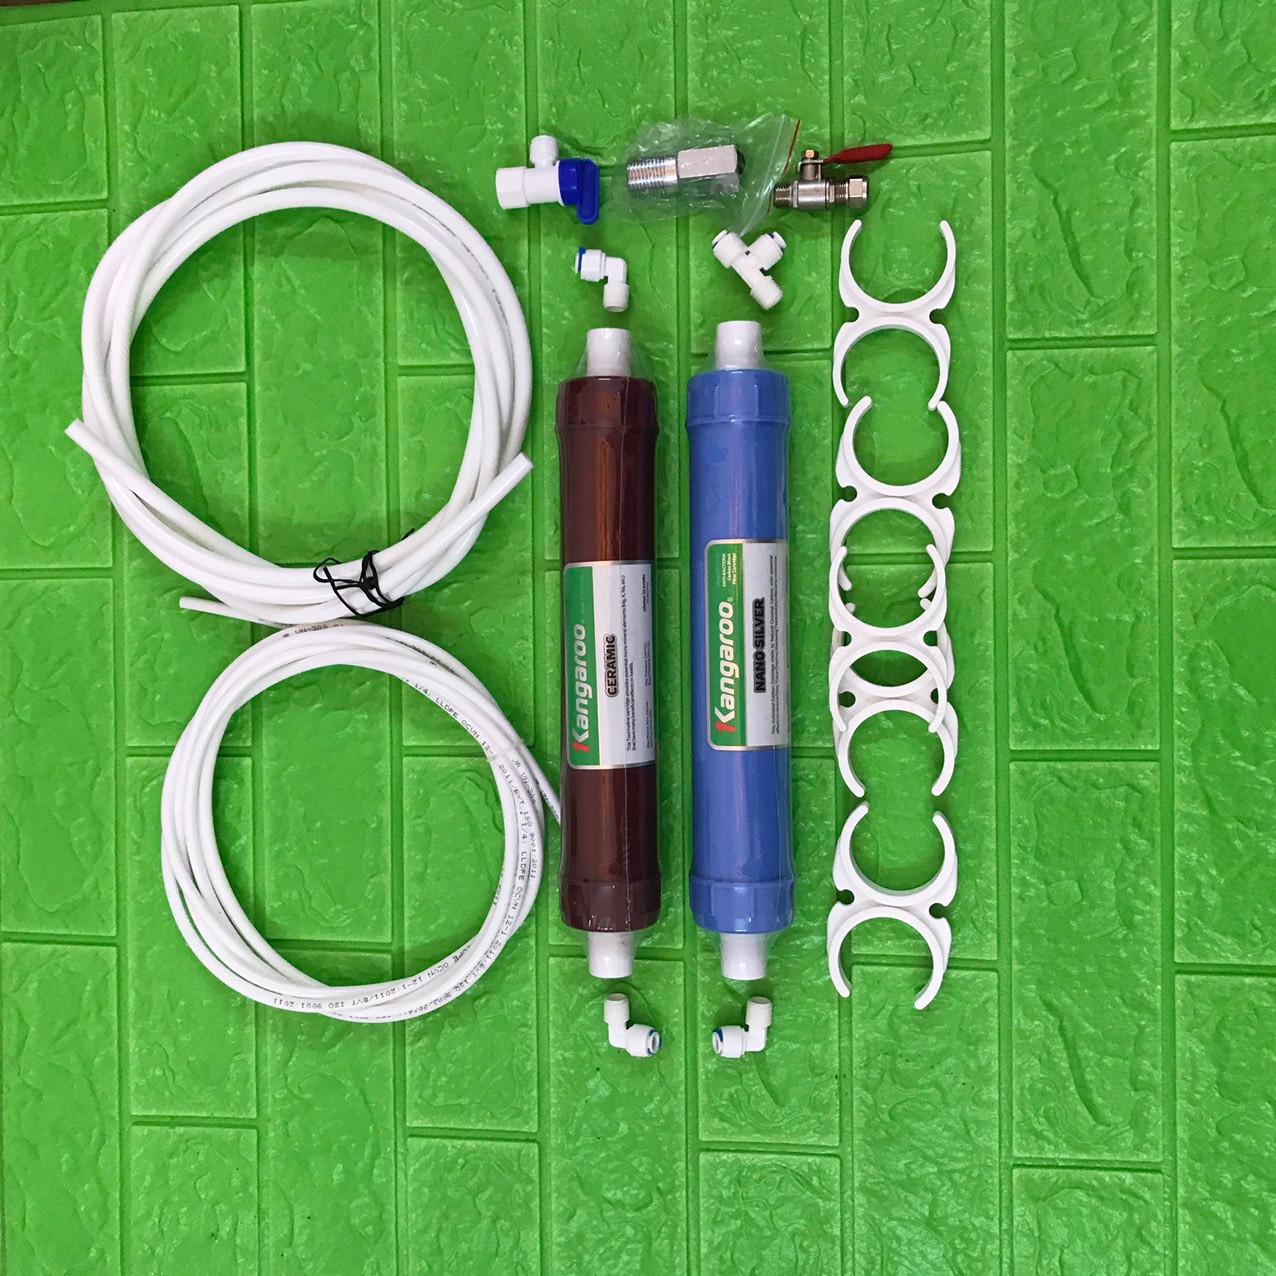 Combo 2 lõi lọc 5,6 Kangaroo kèm cút đấu nhanh, càng cua, khẩu chia nước, van bình áp, dây 1/4 và dây 3/8- hàng chính hãng Kangaroo